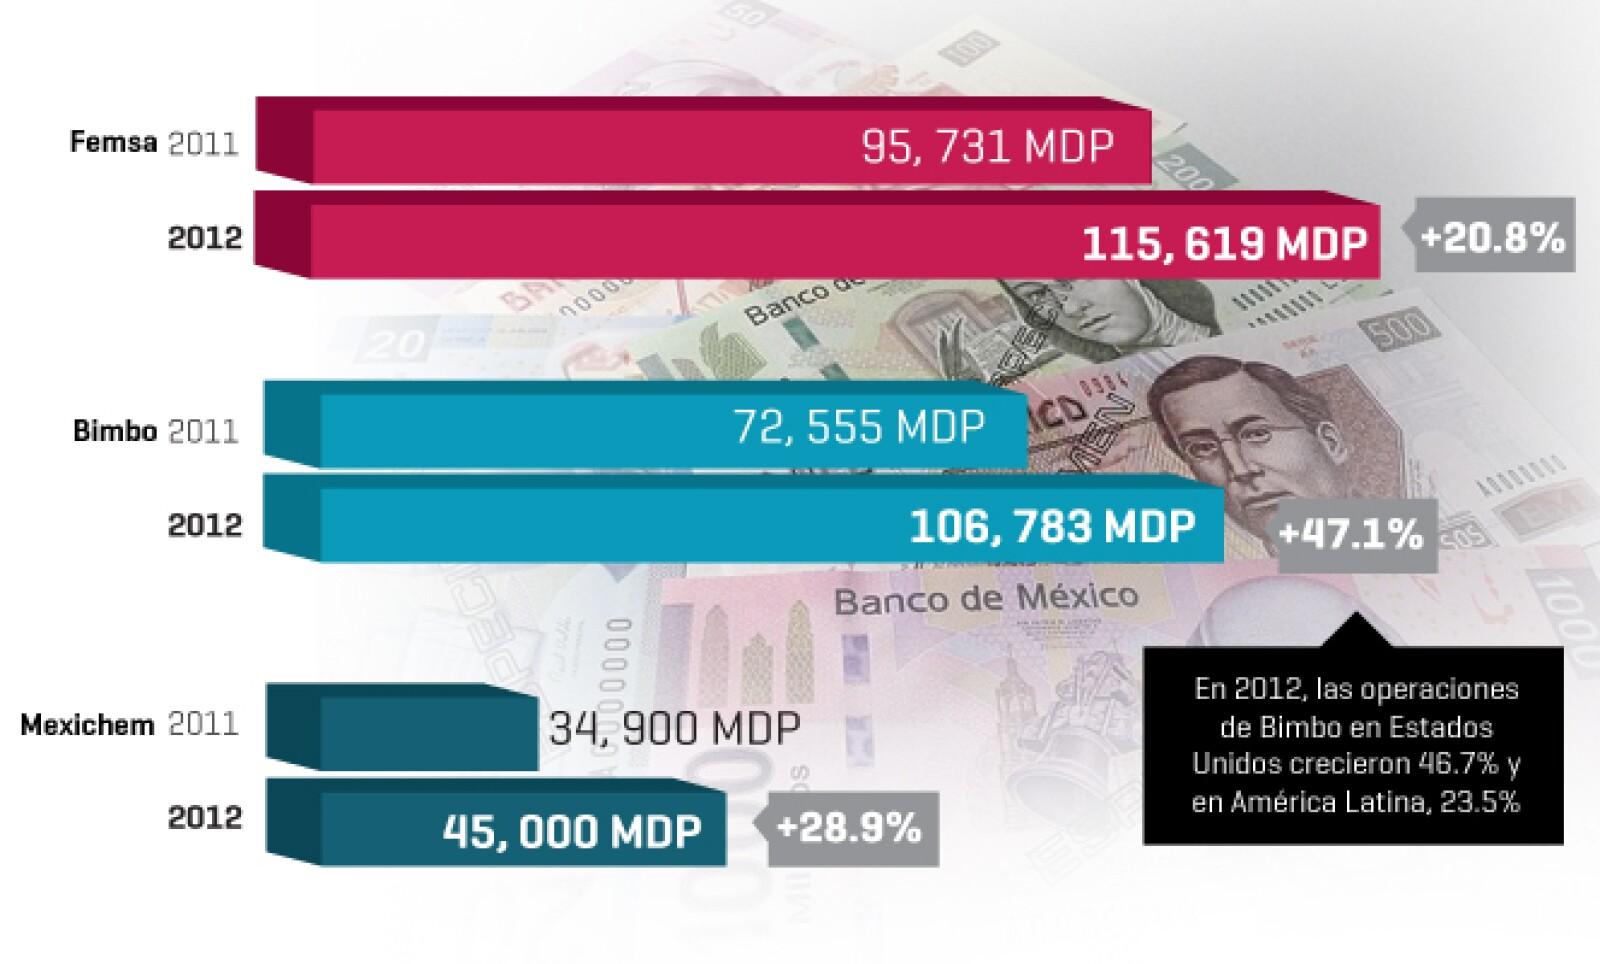 FEMSA, Bimbo y Mexichem son las empresas cuyas ventas internacionales crecieron a mayor ritmo en 2012. El tipo de cambio pudo influir en las variaciones.